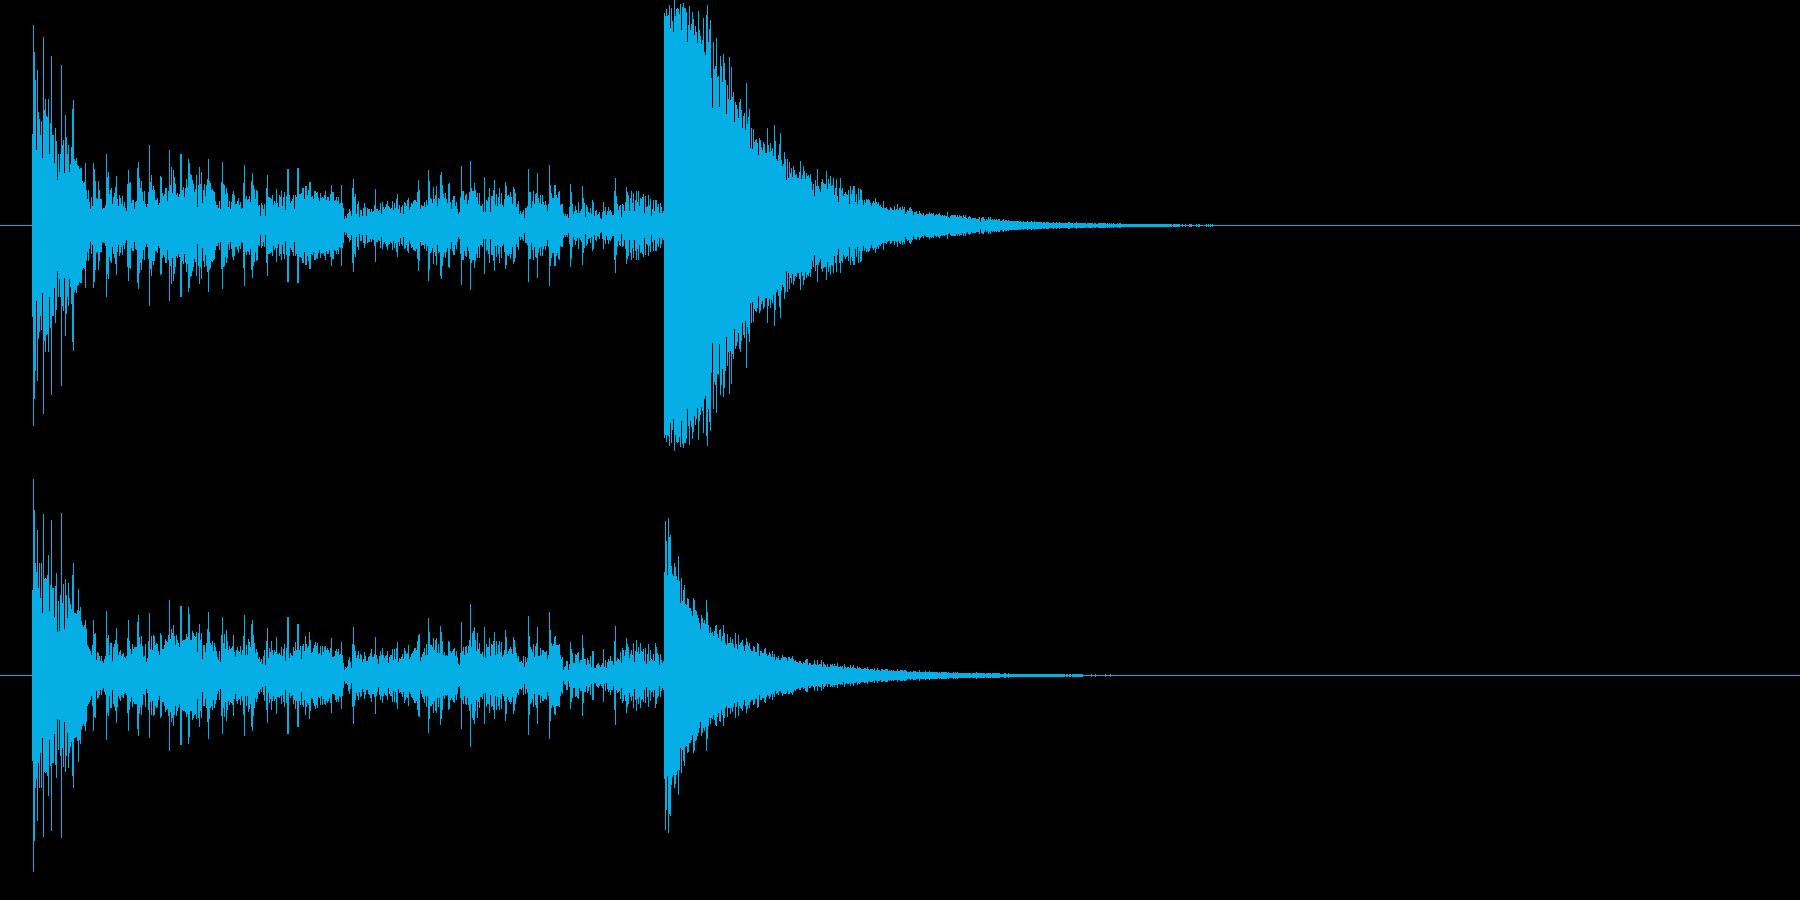 結果発表ドコドコ・ロール5秒シンバル有の再生済みの波形